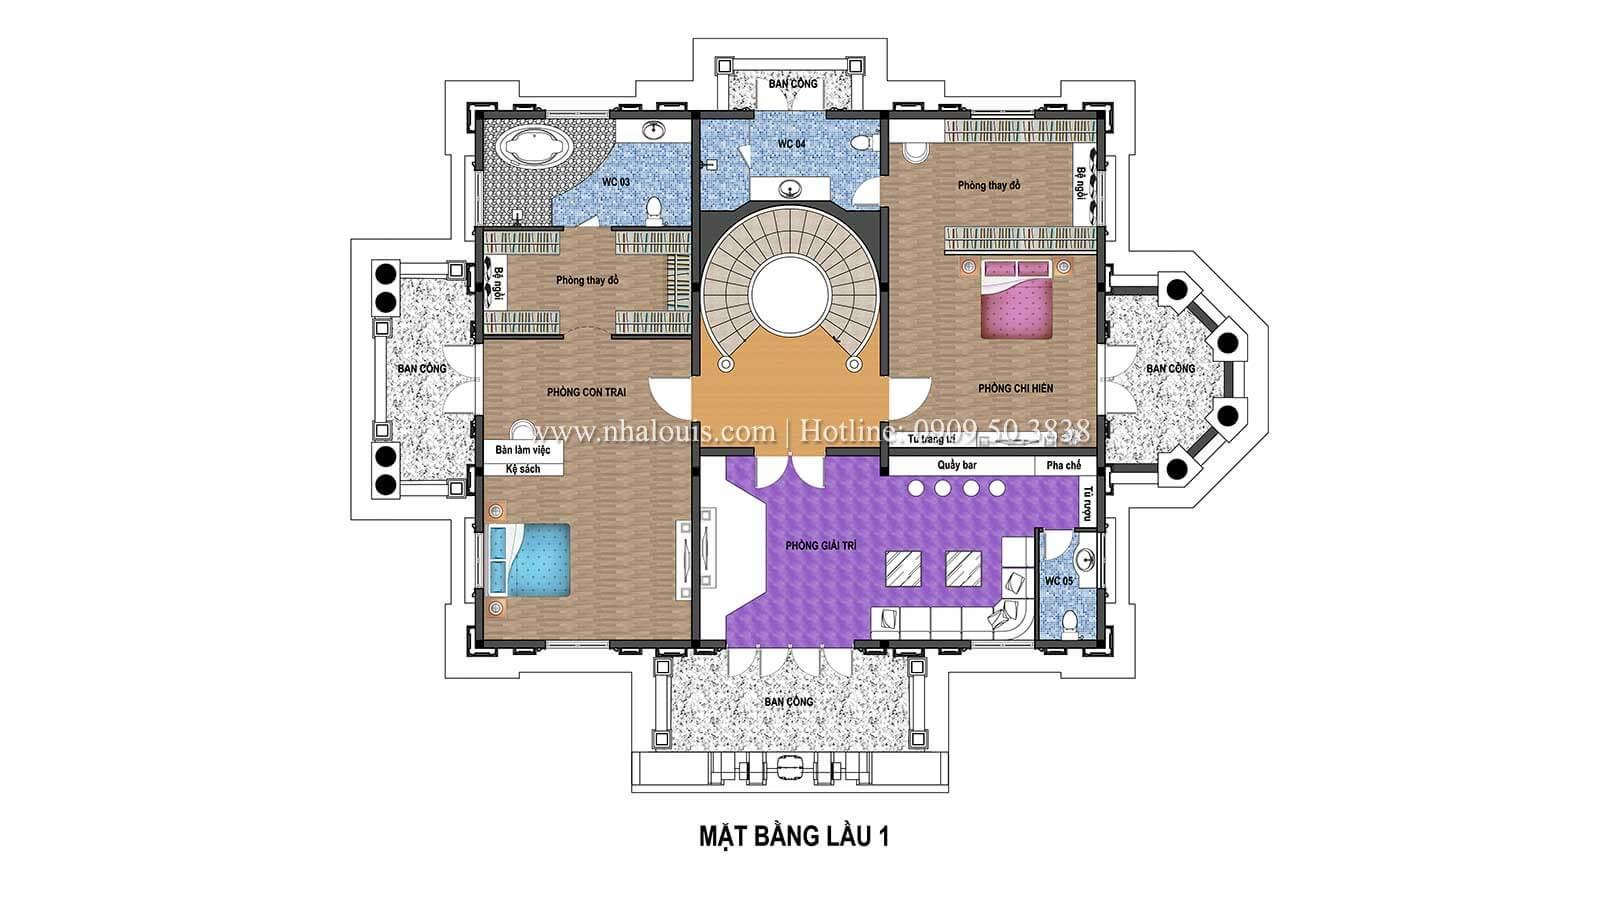 Mặt bằng tầng 1 Thiết kế biệt thự châu âu cổ điển 4 tầng đẳng cấp tại Kiên Giang